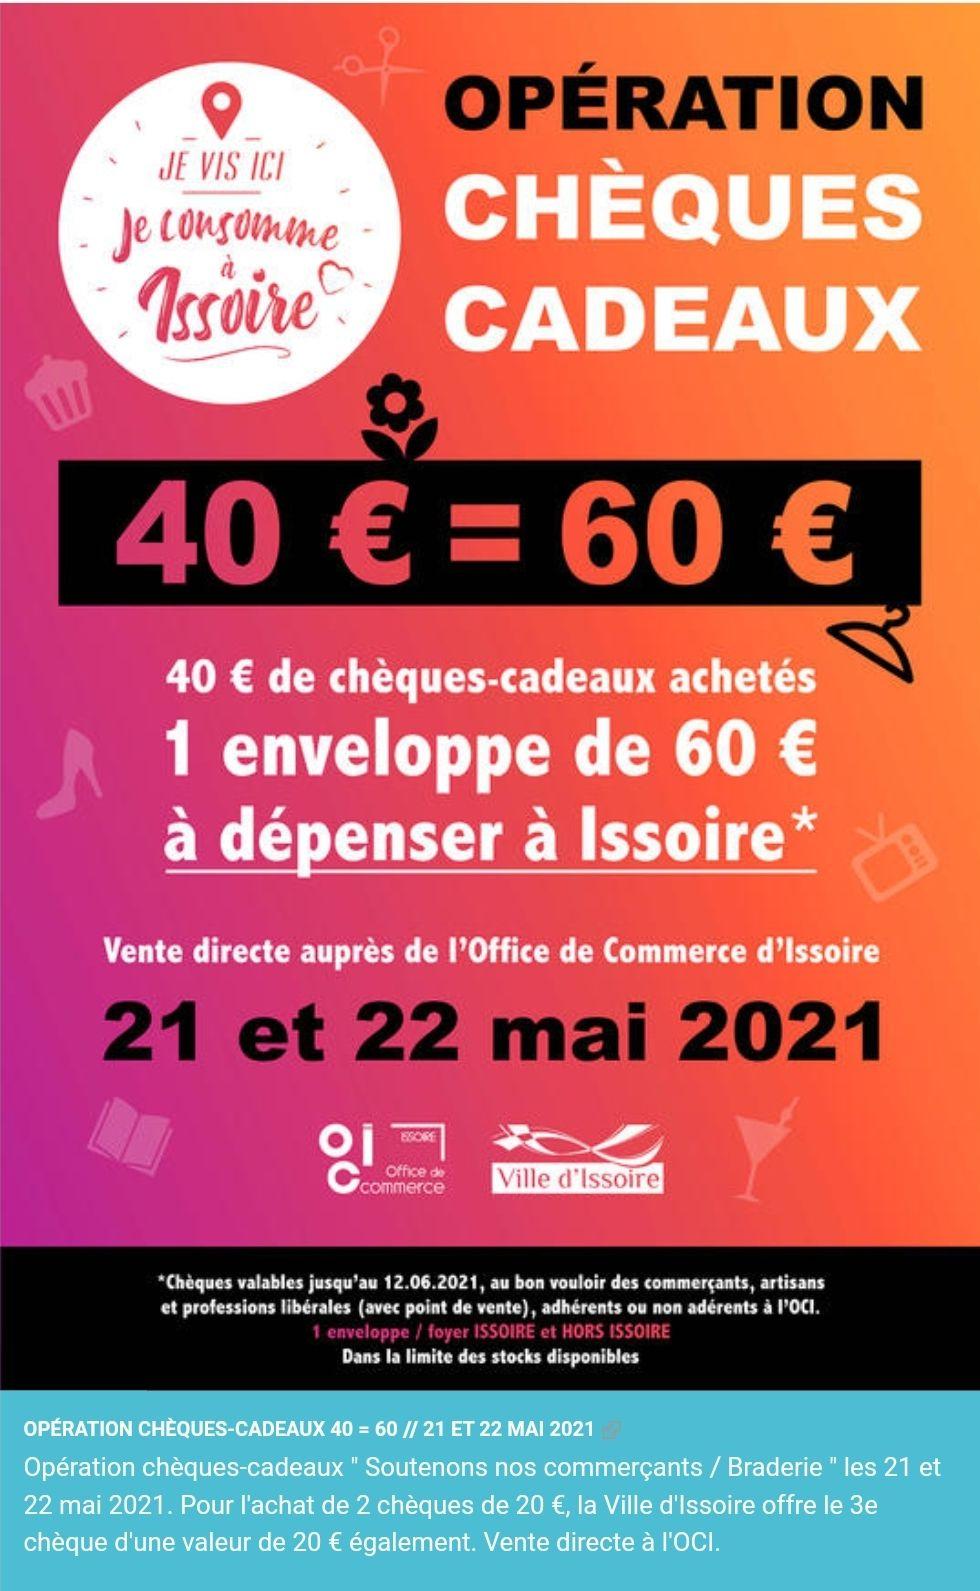 40€ de chèques cadeaux achetés = un chèque cadeau de 20€ offert - Issoire (63)